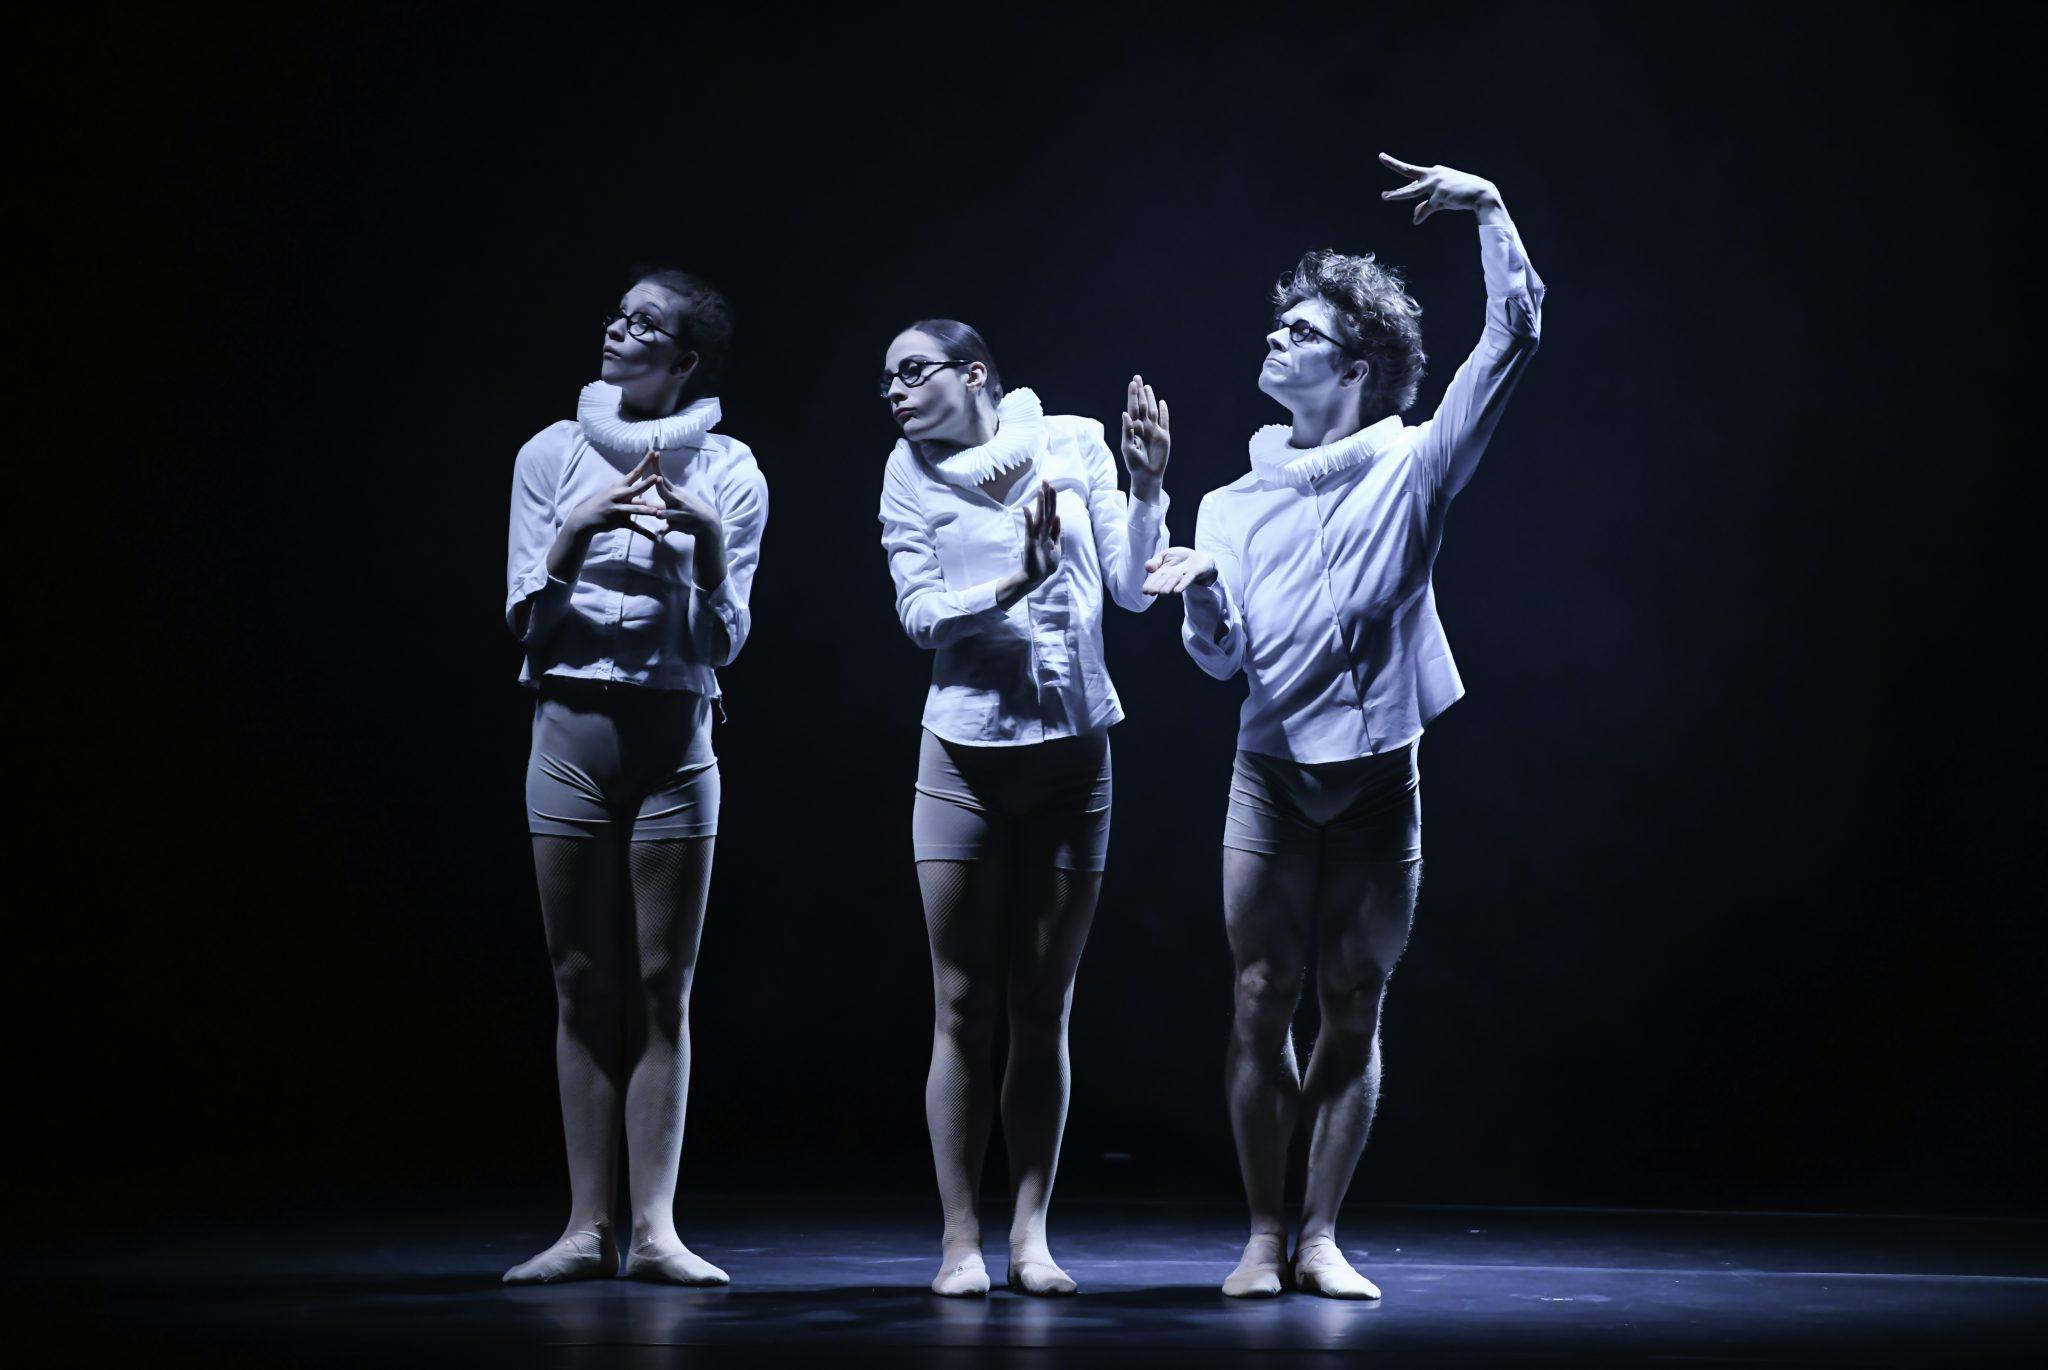 Hors Cadre photo danse spectacle Julien Benhamou avec Clémence Gross, Lydie Vareilhes, Hugo Vigliotti